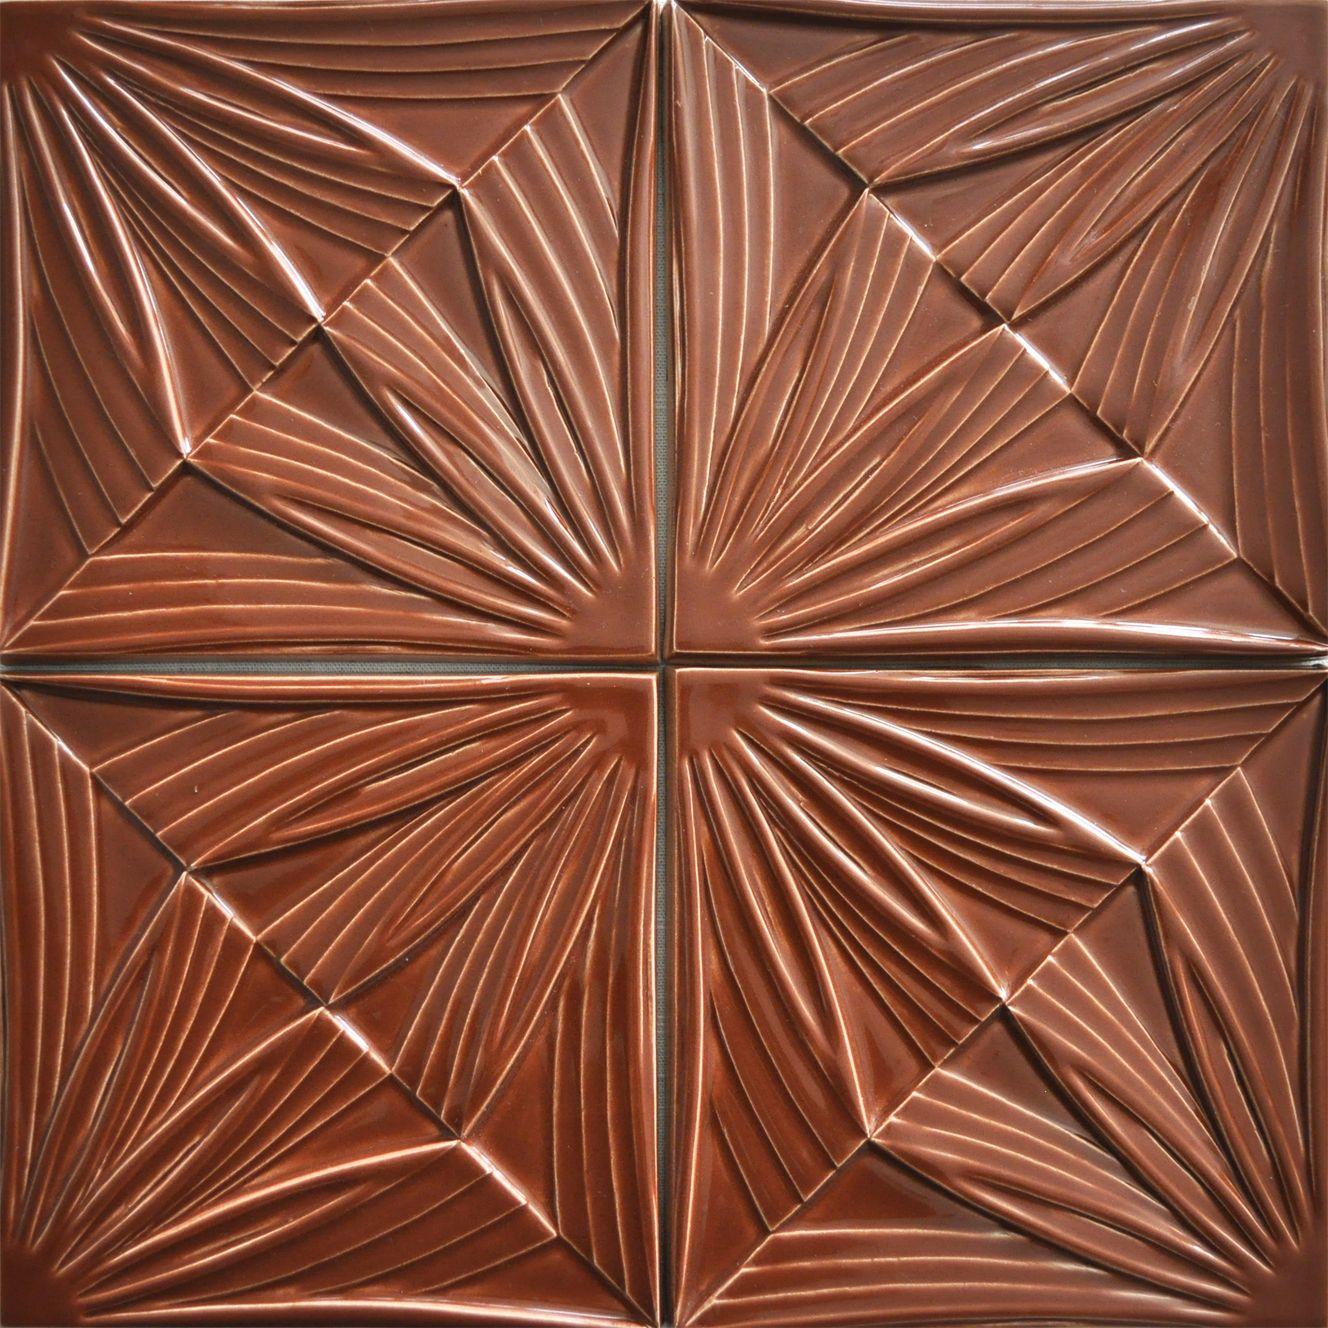 Carrelage Moderne Texture Unique Photos épinglé Par Clayhaus Modern Tile Sur topo Collection